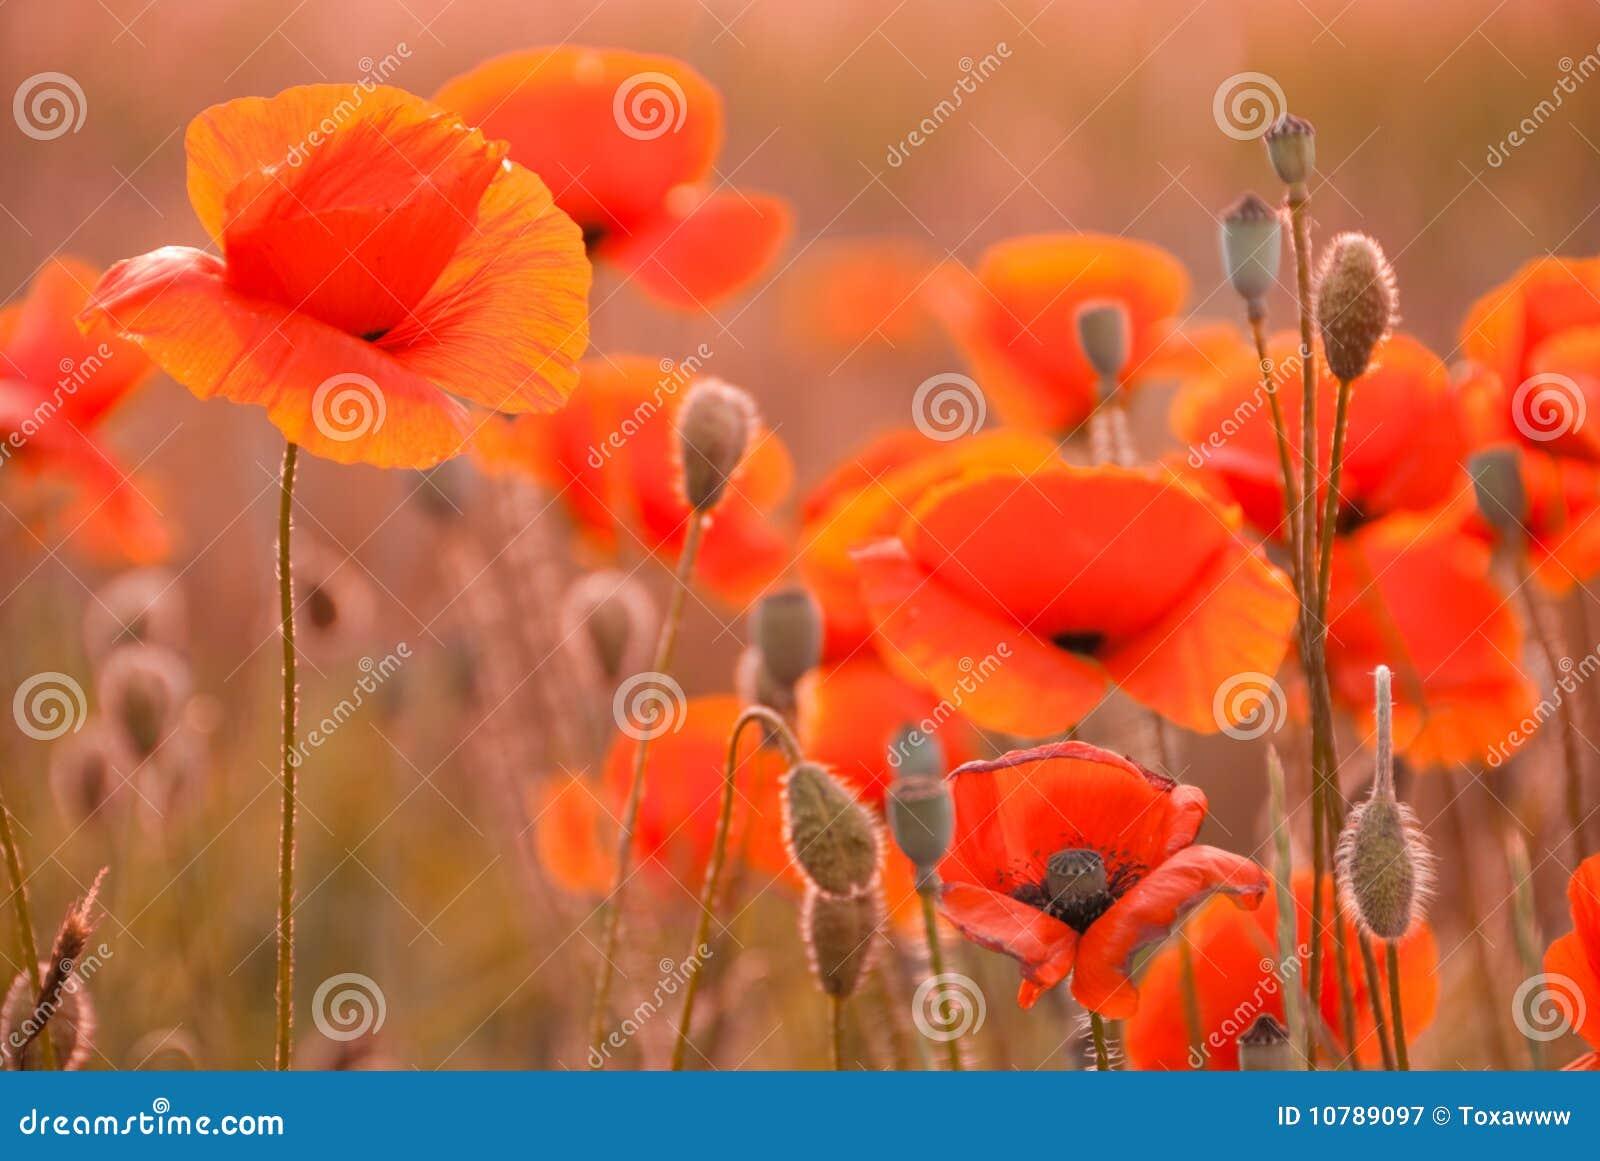 Poppy field in Crimea